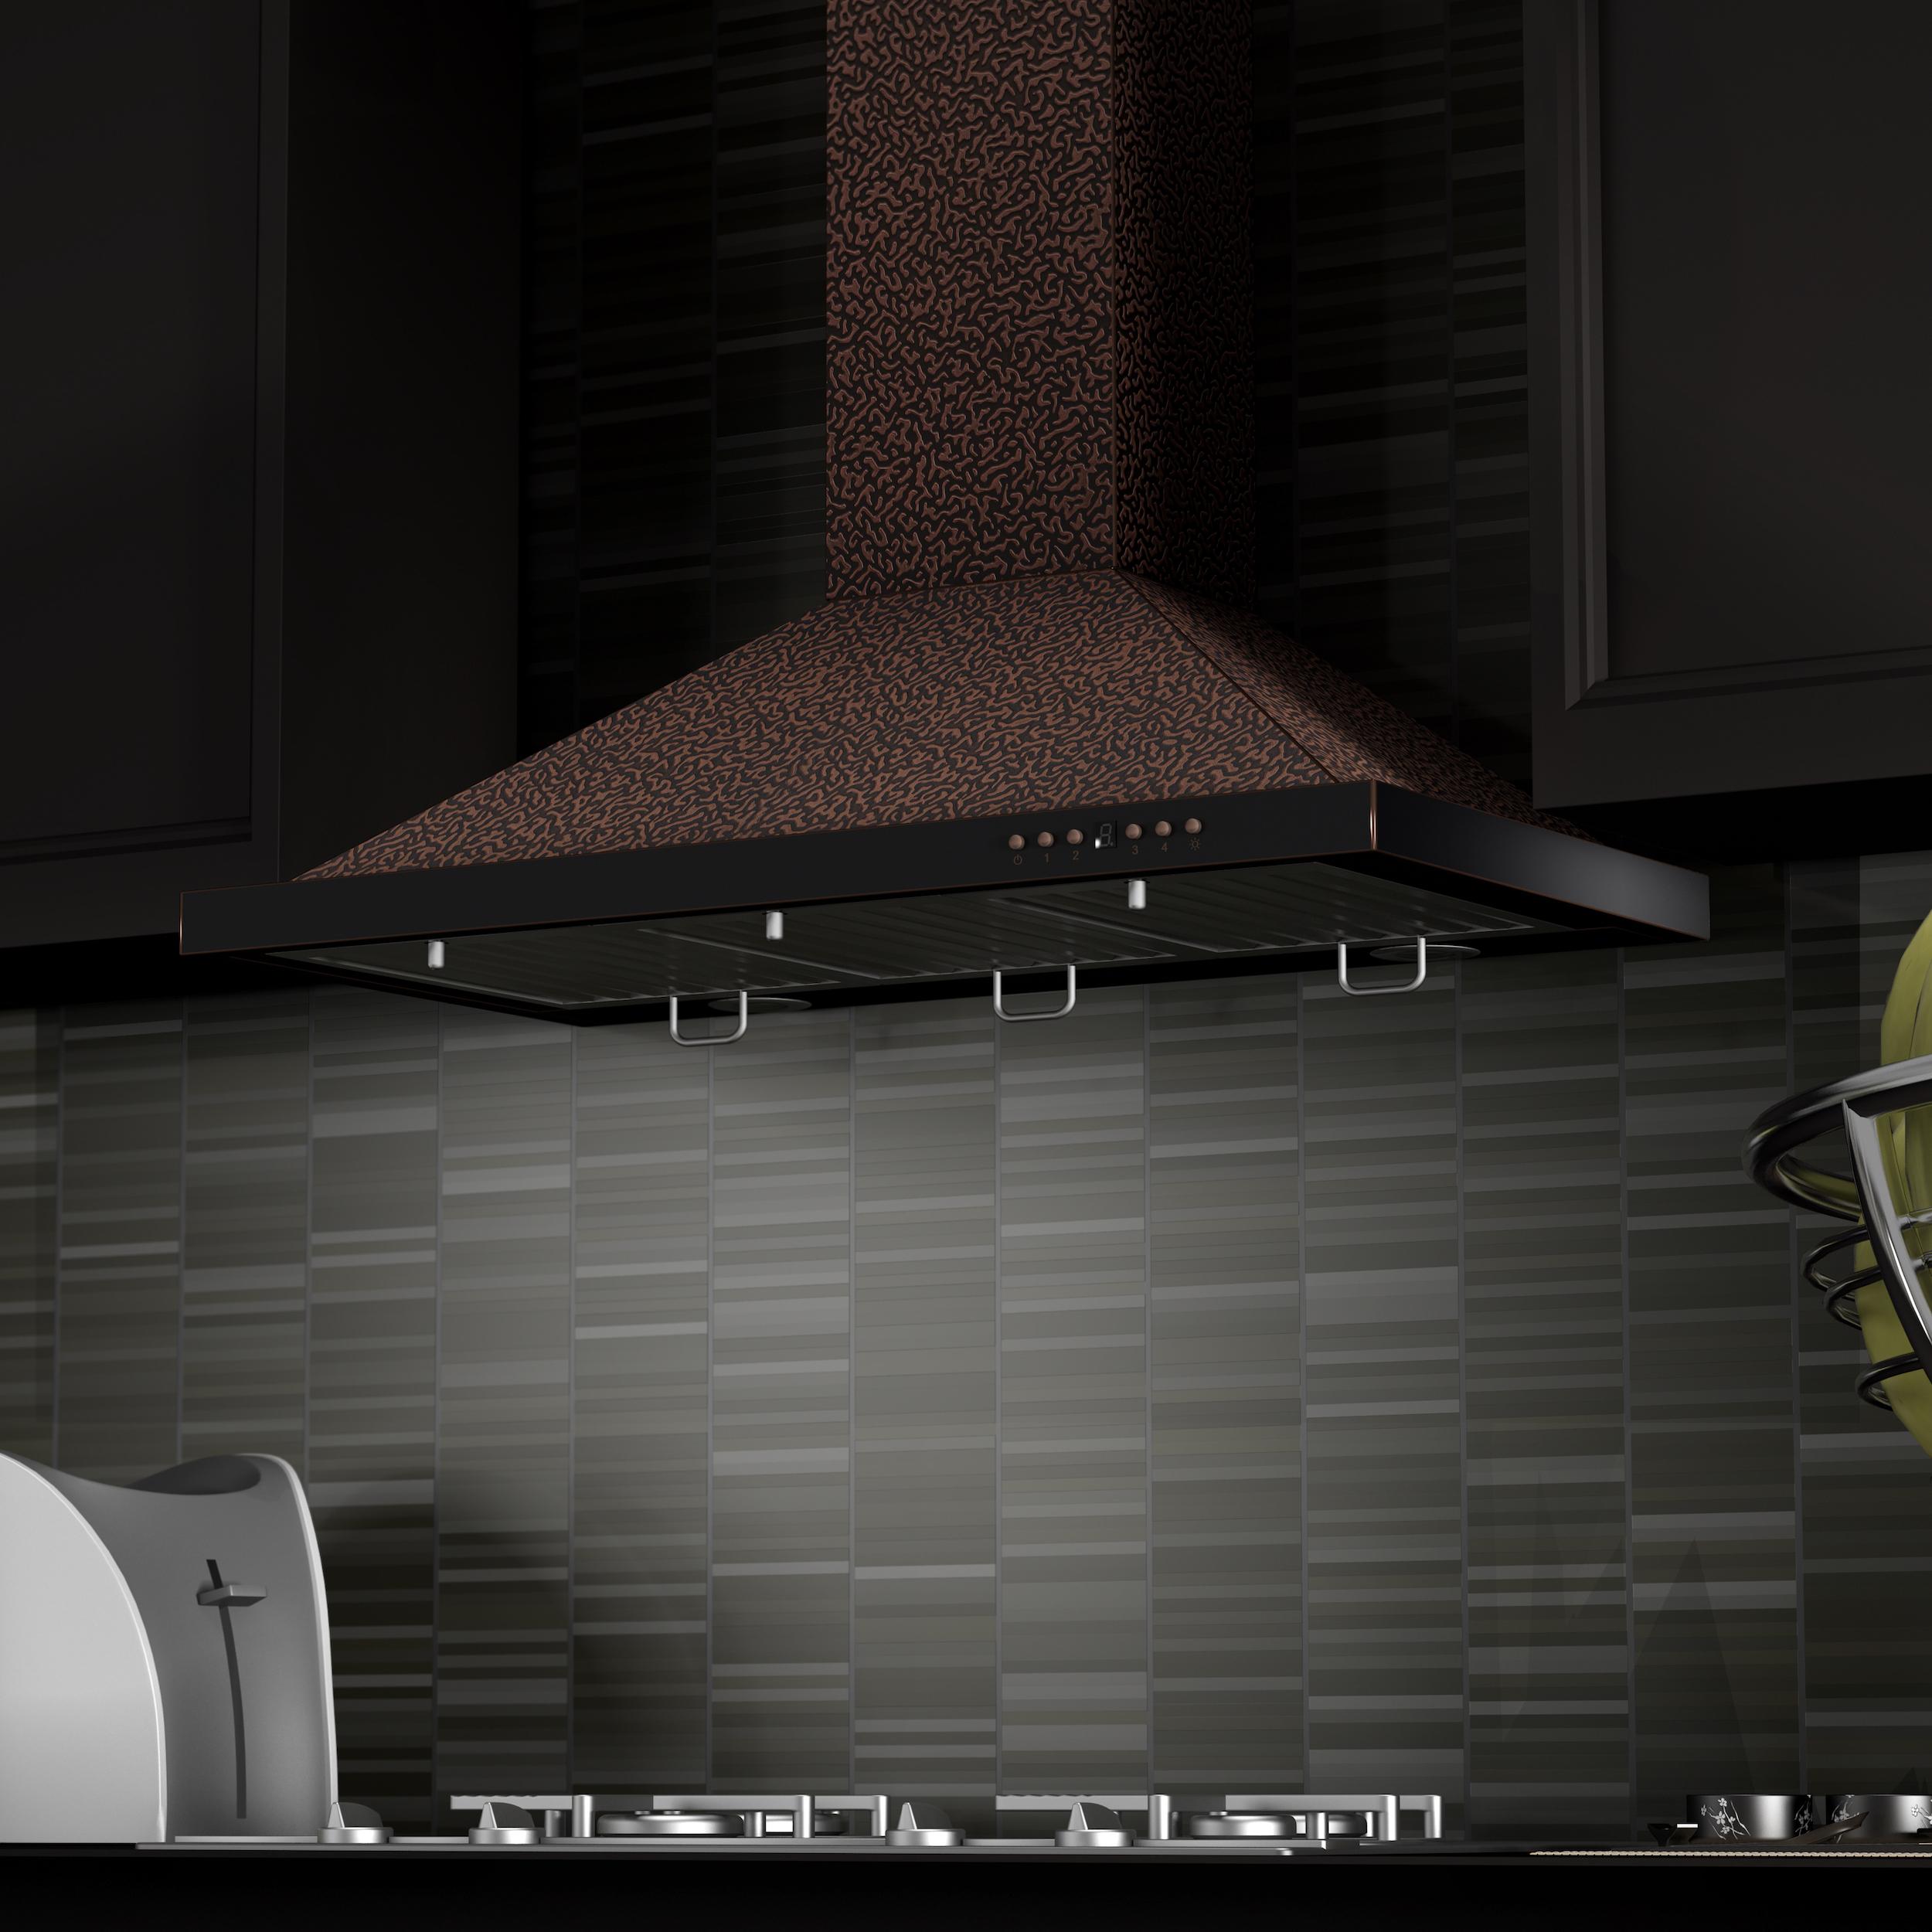 zline-copper-wall-mounted-range-hood-8KBE-detail.jpg